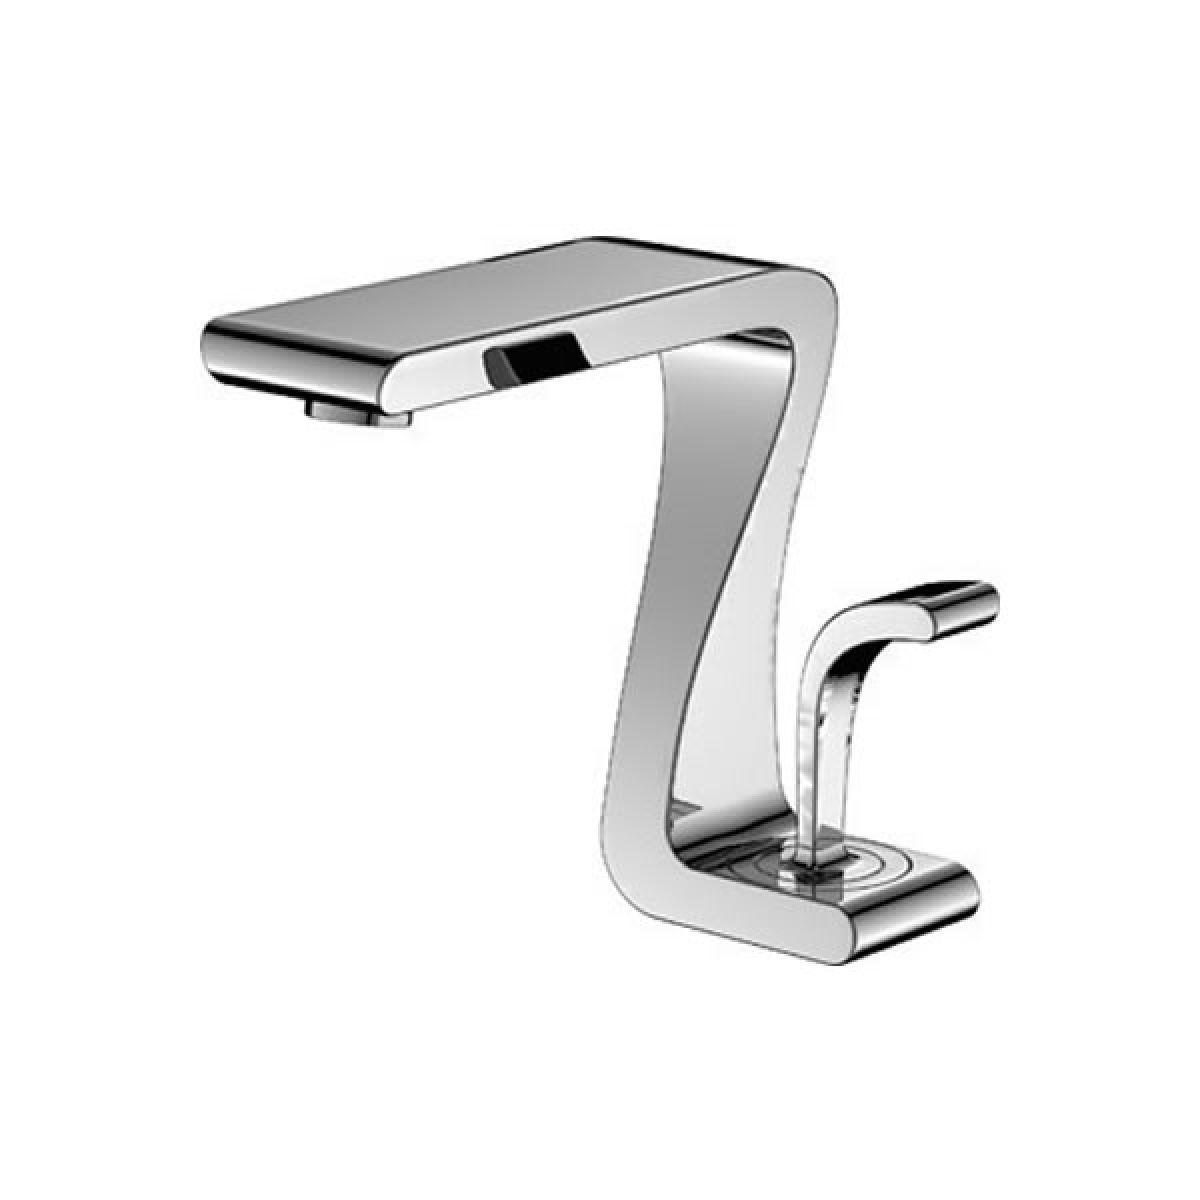 Phoenix Zelda Basin Mixer Tap UK Bathrooms